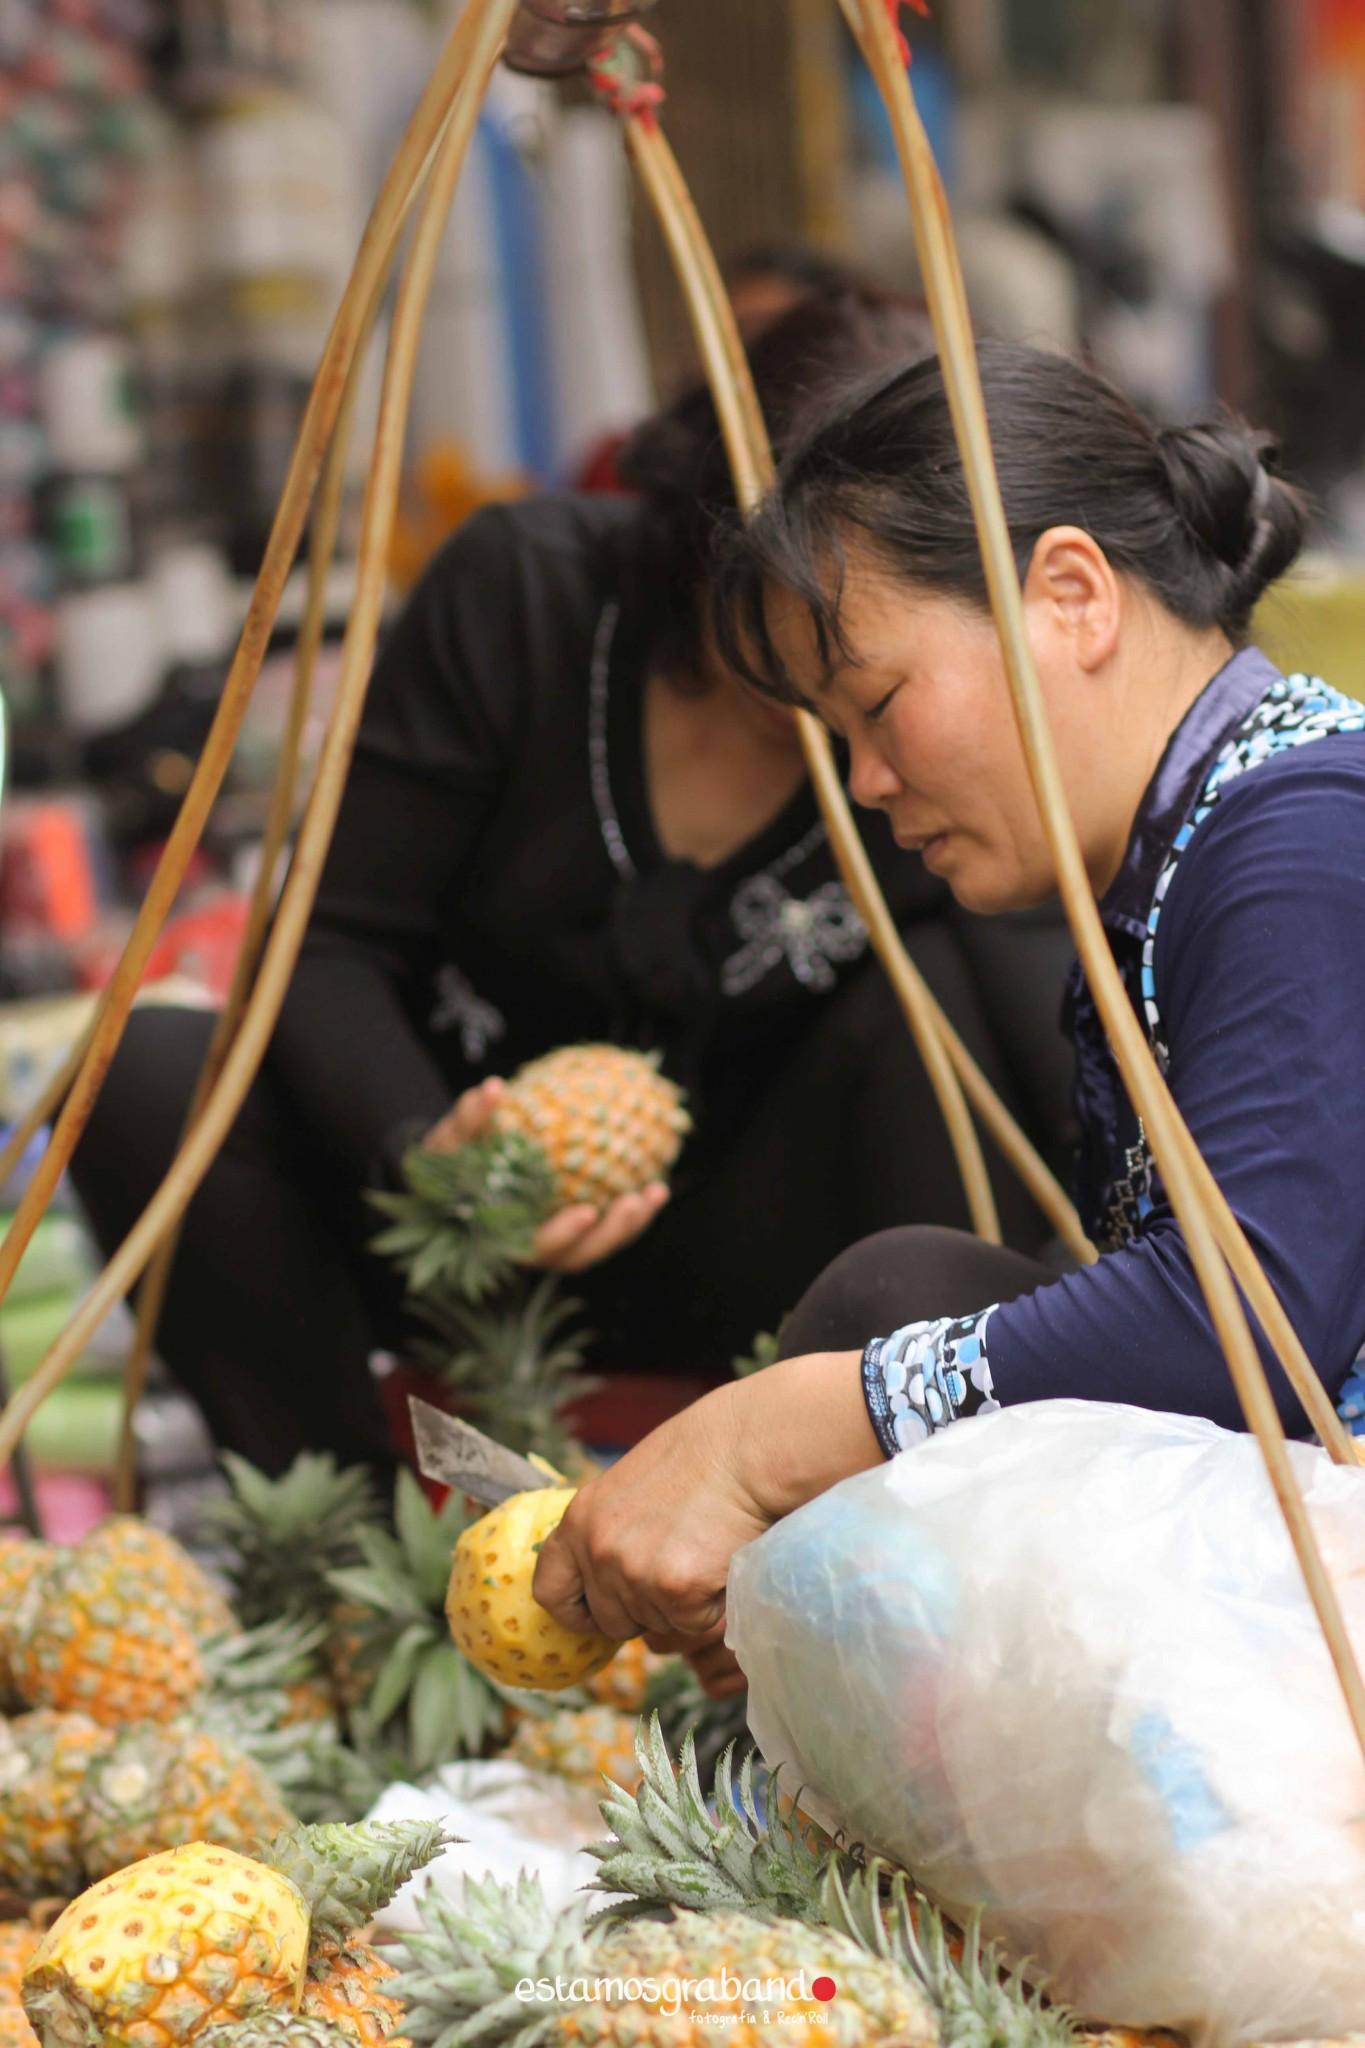 reportaje-vietnam_fotograficc81a-vietnam_estamosgrabando-vietnam_rutasvietnam_reportaje-retratos-fotos-vietnam_fotografia-vietnam_reportaje-estamosgrabando-fotograficc81a-vietnam-74 Pequeños grandes recuerdos de Vietnam en 100 imágenes - video boda cadiz